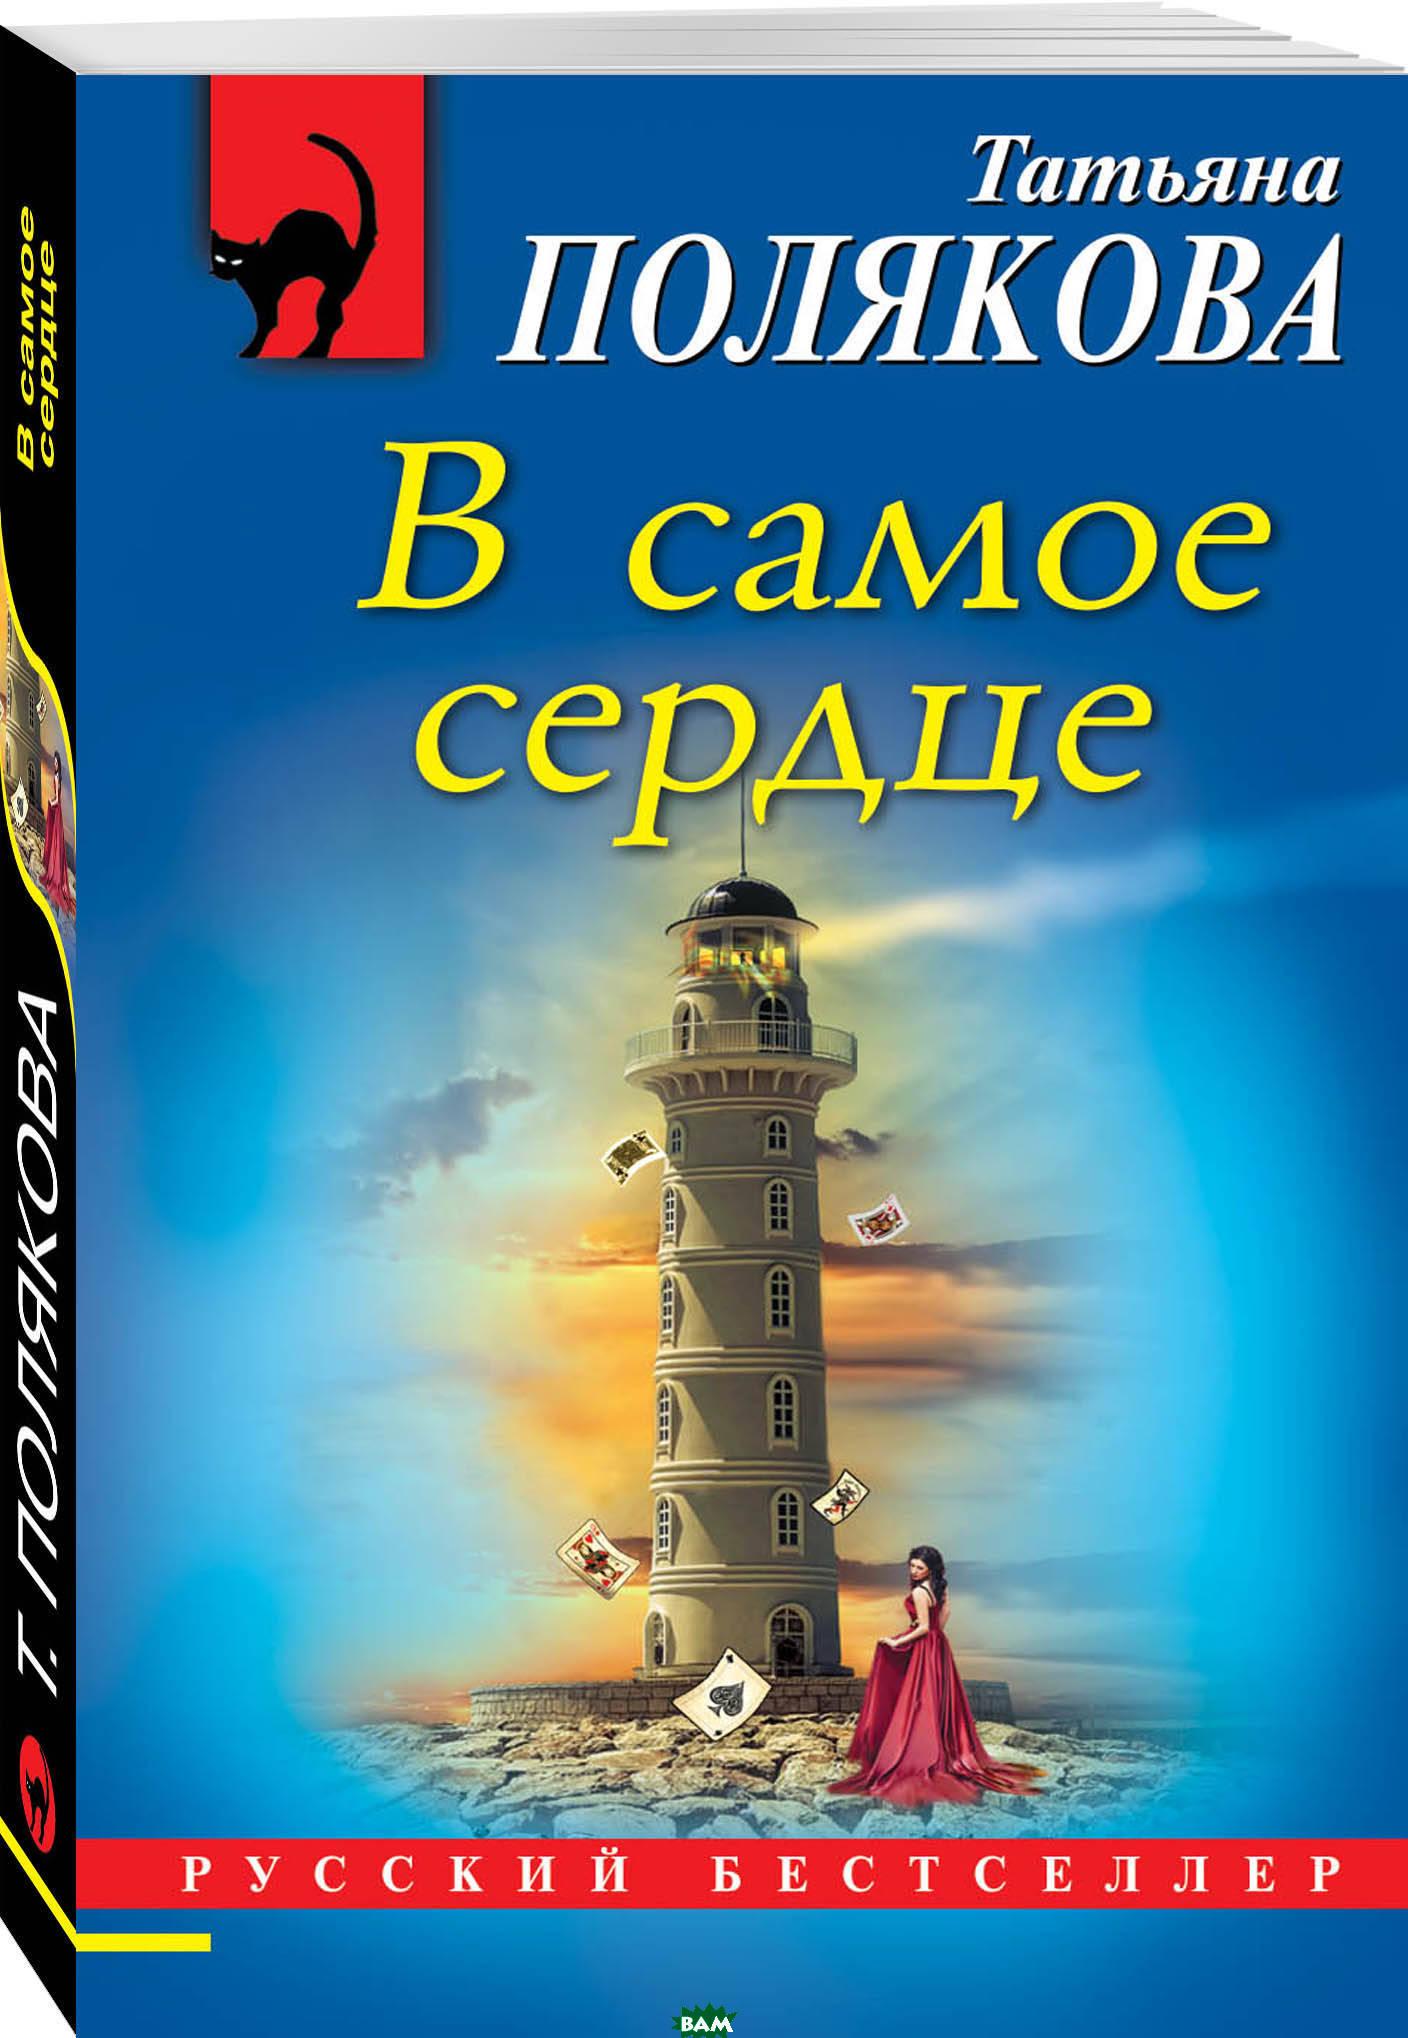 Купить В самое сердце, Издательство`Эксмо`ООО, Татьяна Полякова, 978-5-04-101952-5